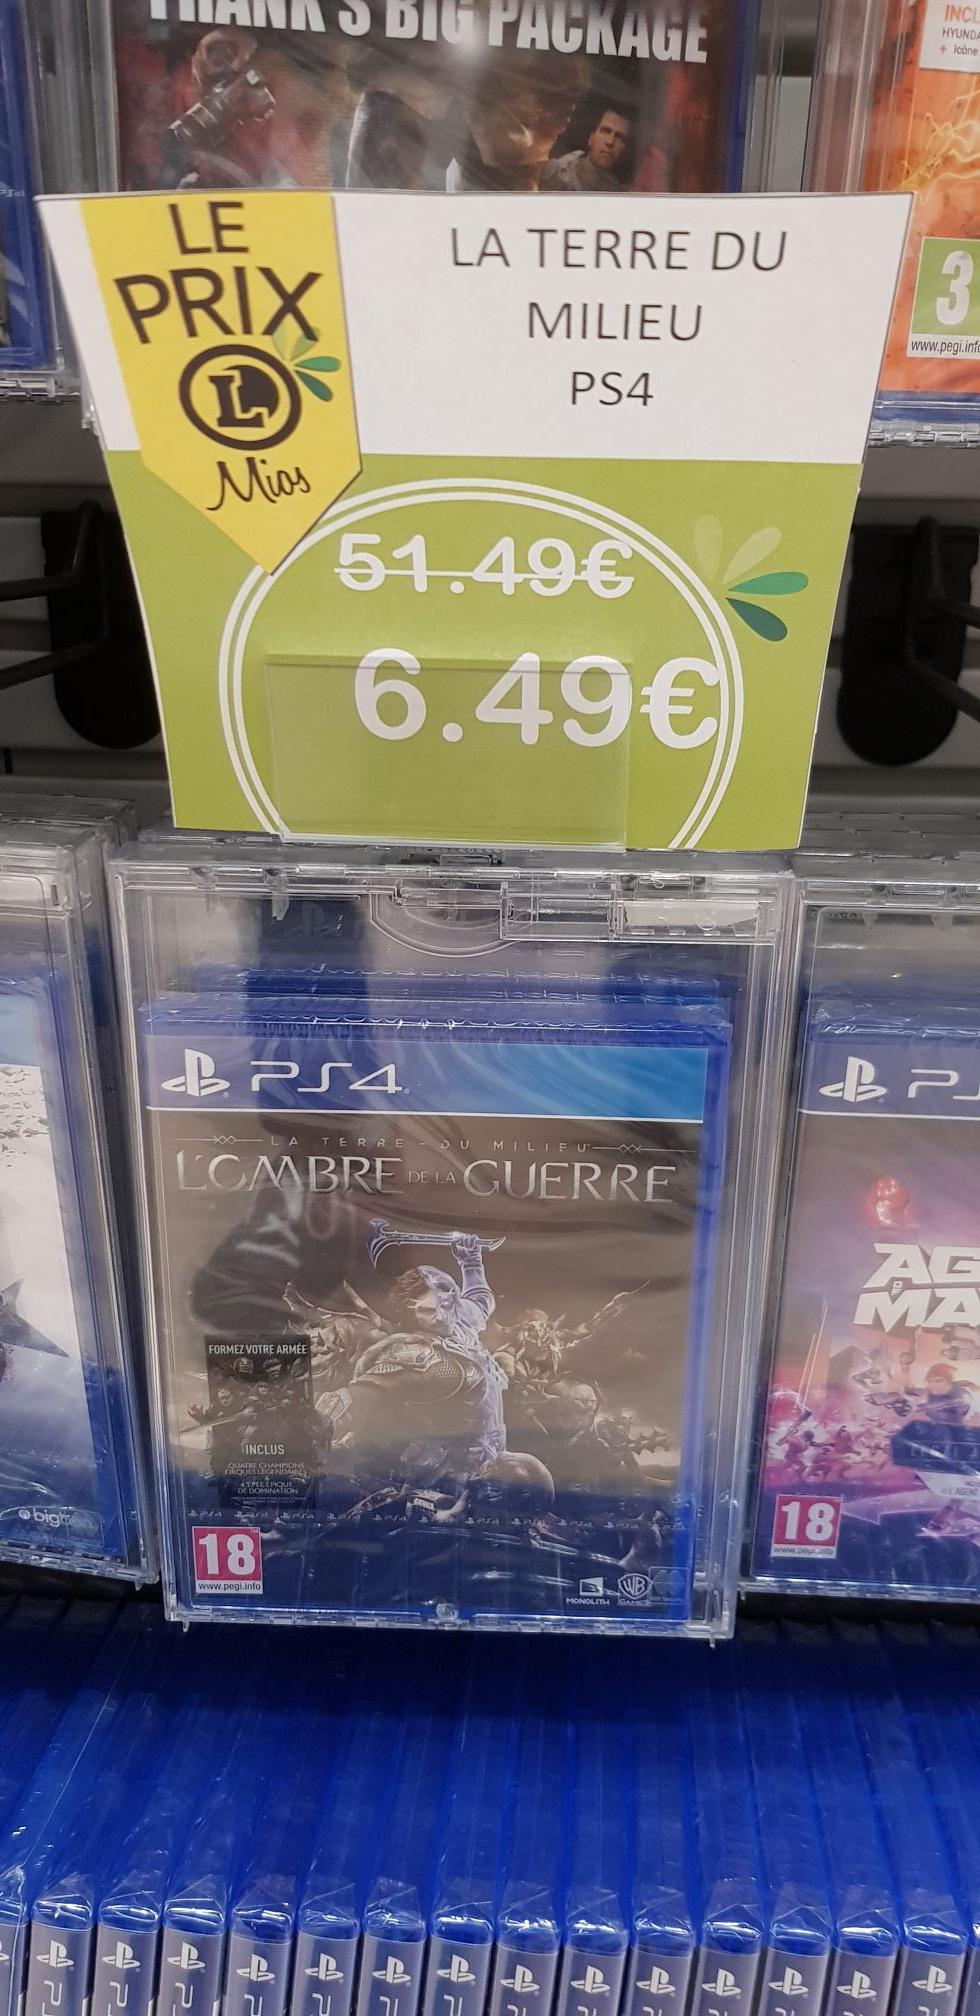 La Terre du Milieu : L'Ombre de la Guerre sur PS4 - Mios (33)